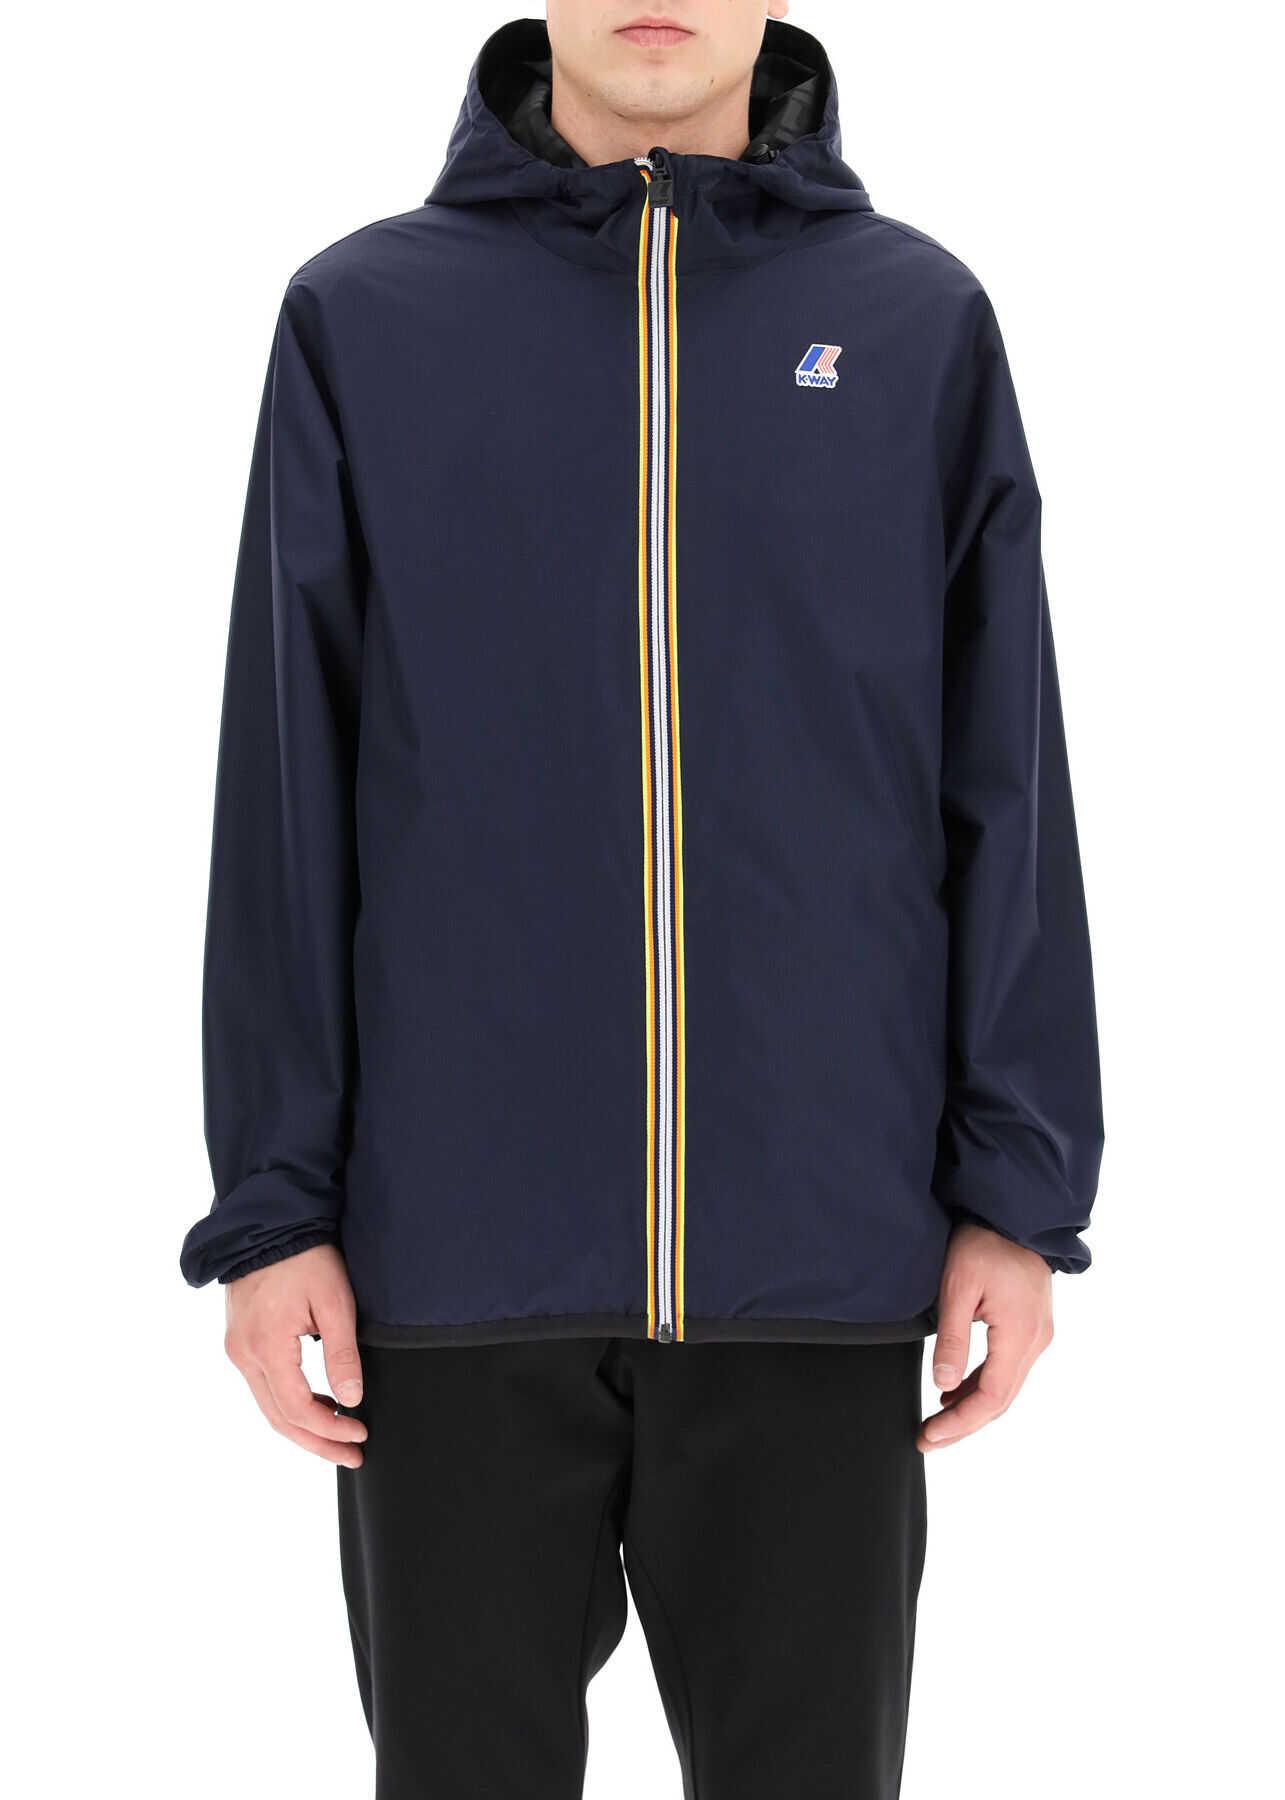 Fendi X K-Way Reversible Windbreaker Jacket BLACK BLUE imagine